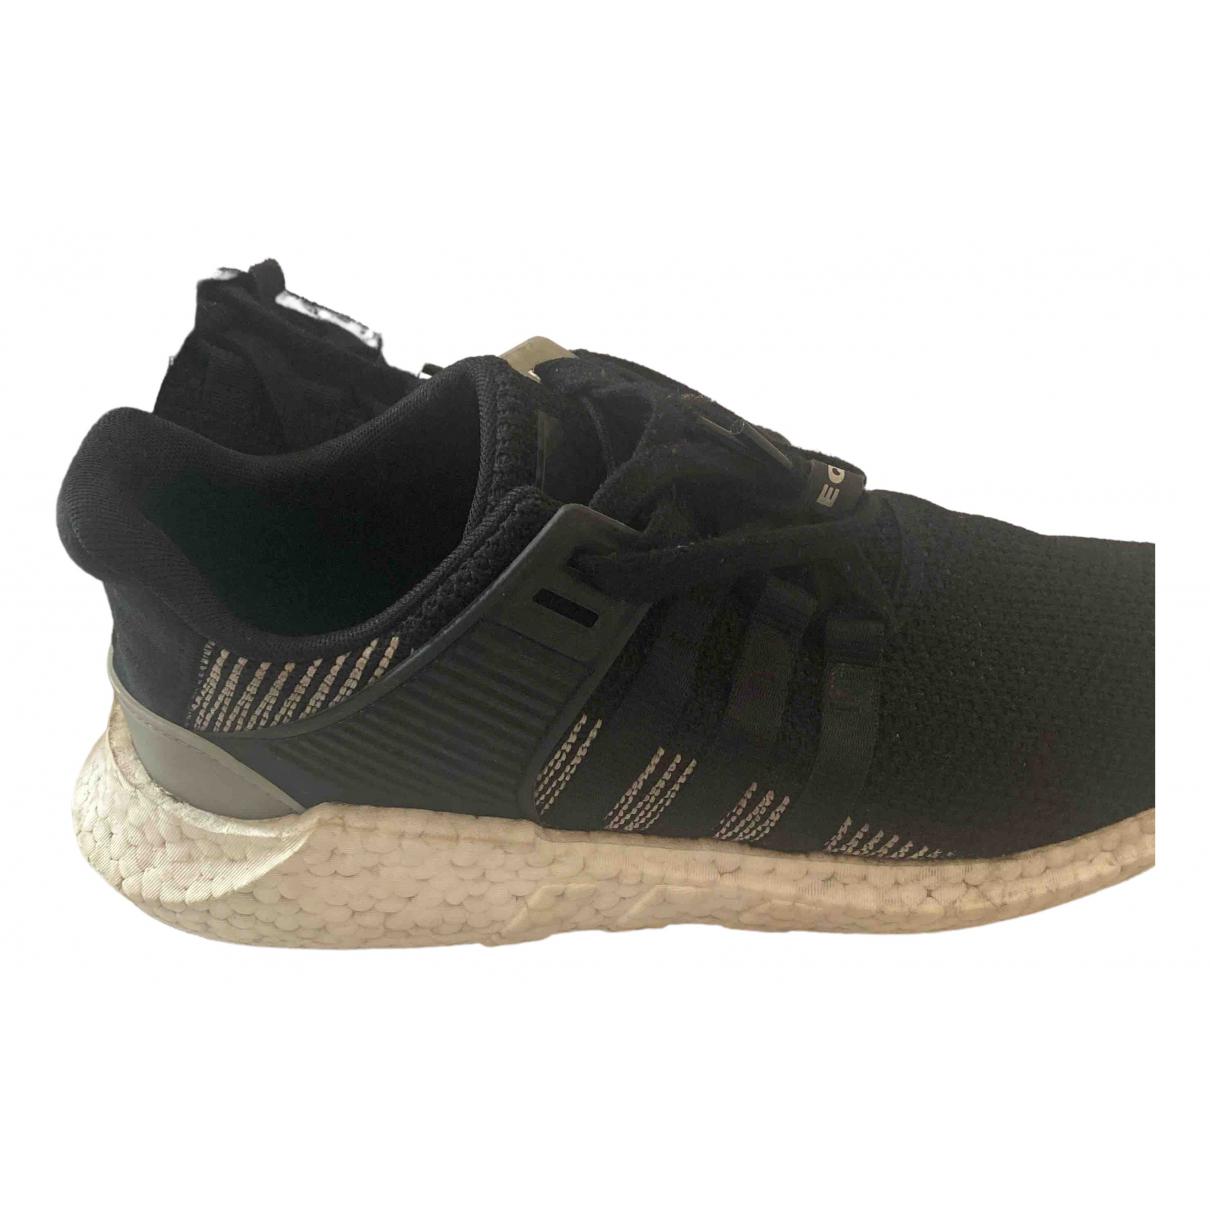 Adidas - Baskets EQT Support pour homme en toile - noir